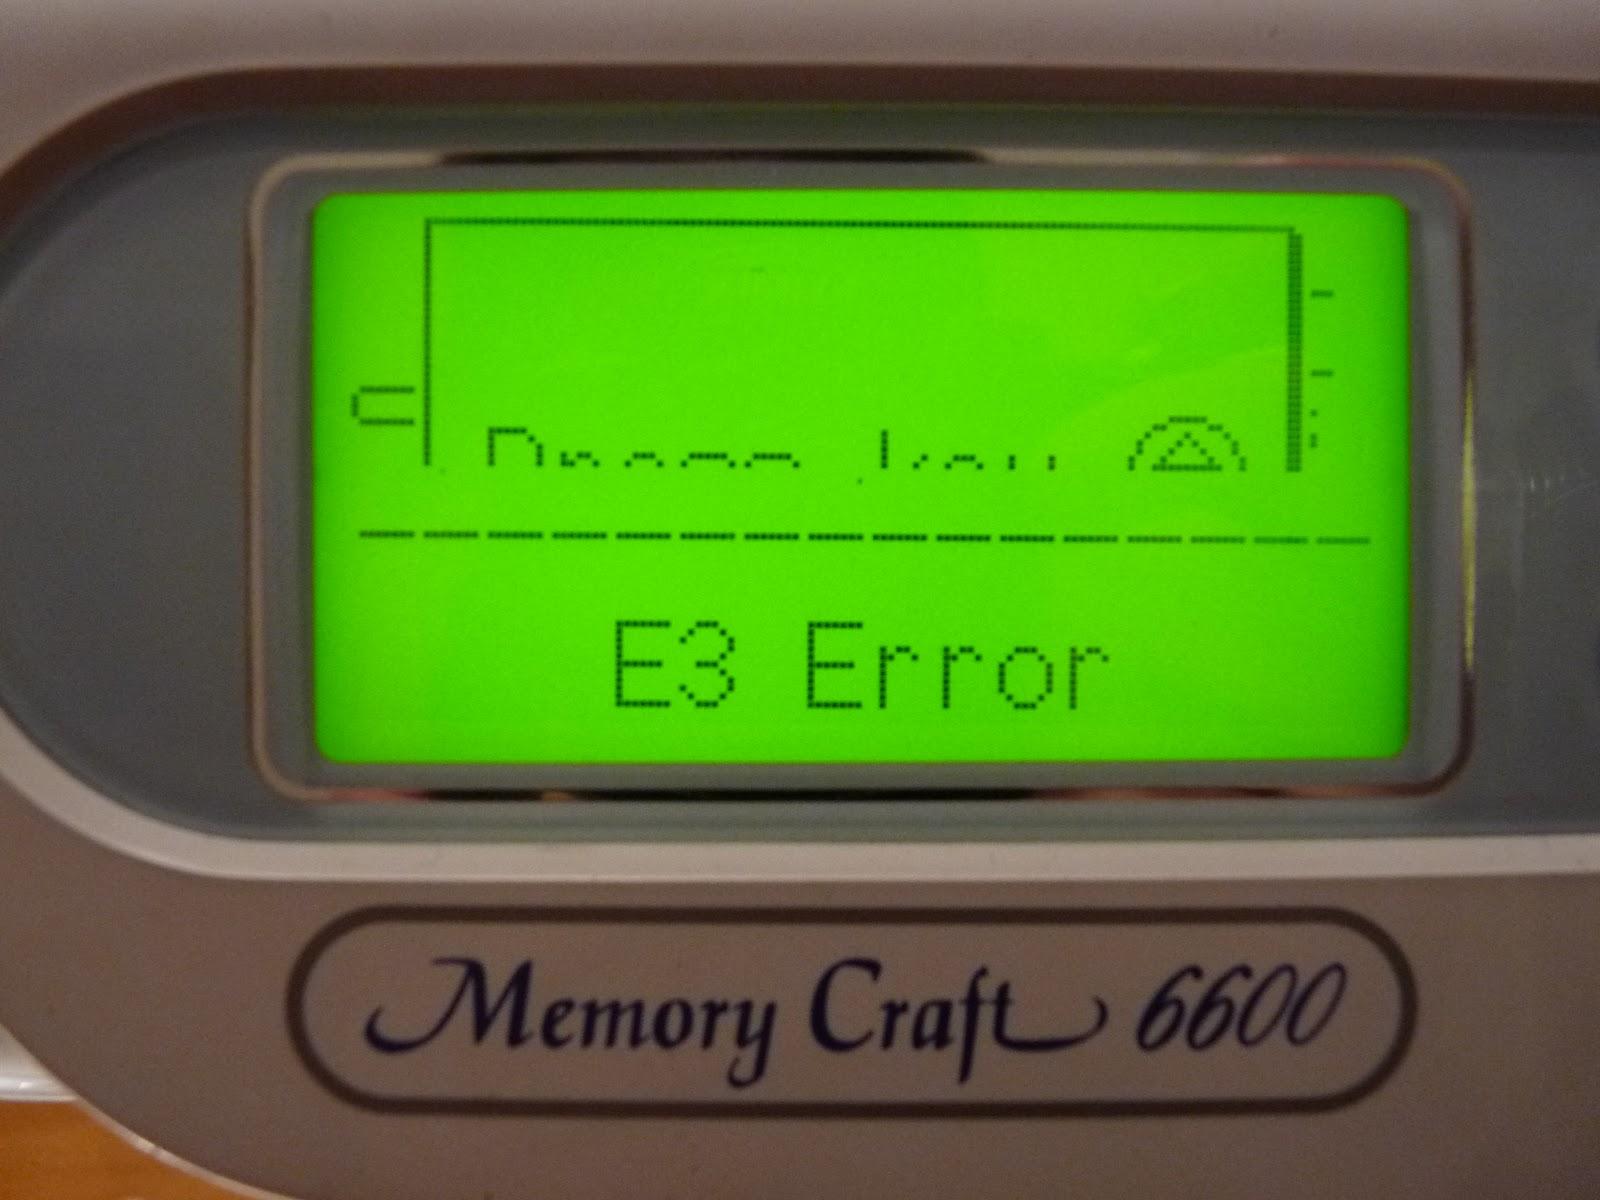 sewing machine e1 error